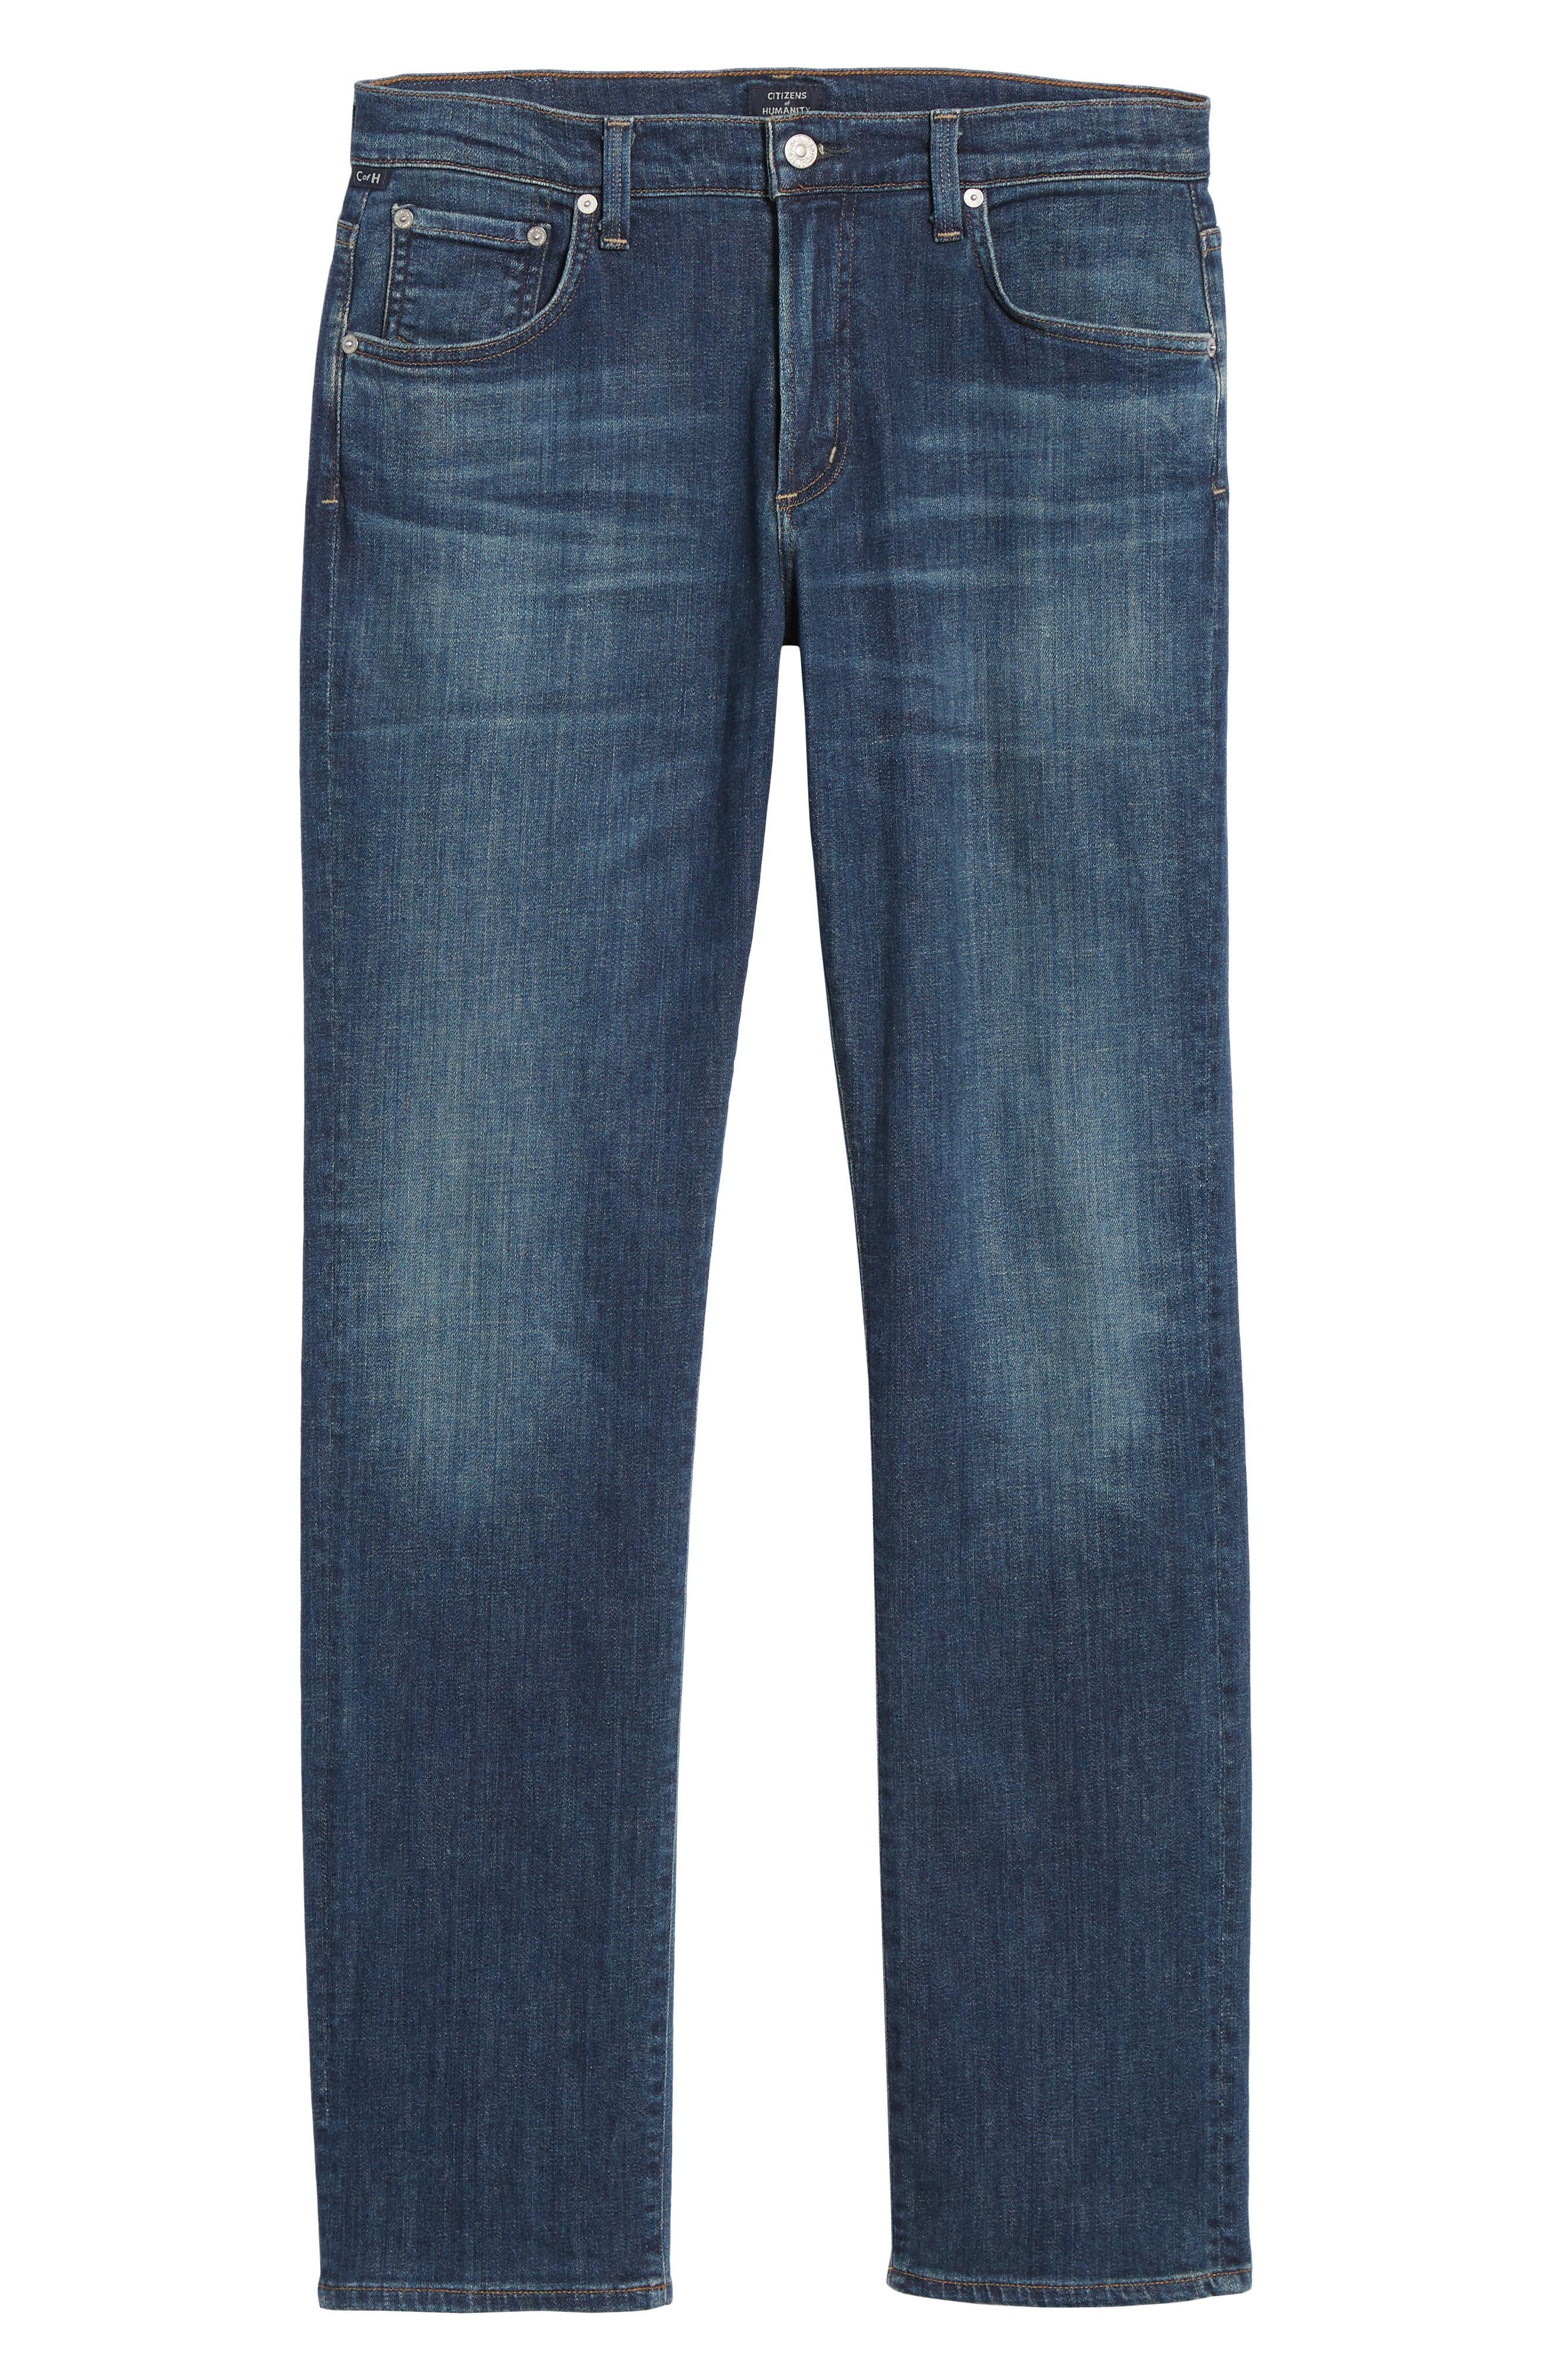 Gage Slim Straight Leg Jeans,                             Alternate thumbnail 6, color,                             EUGENE